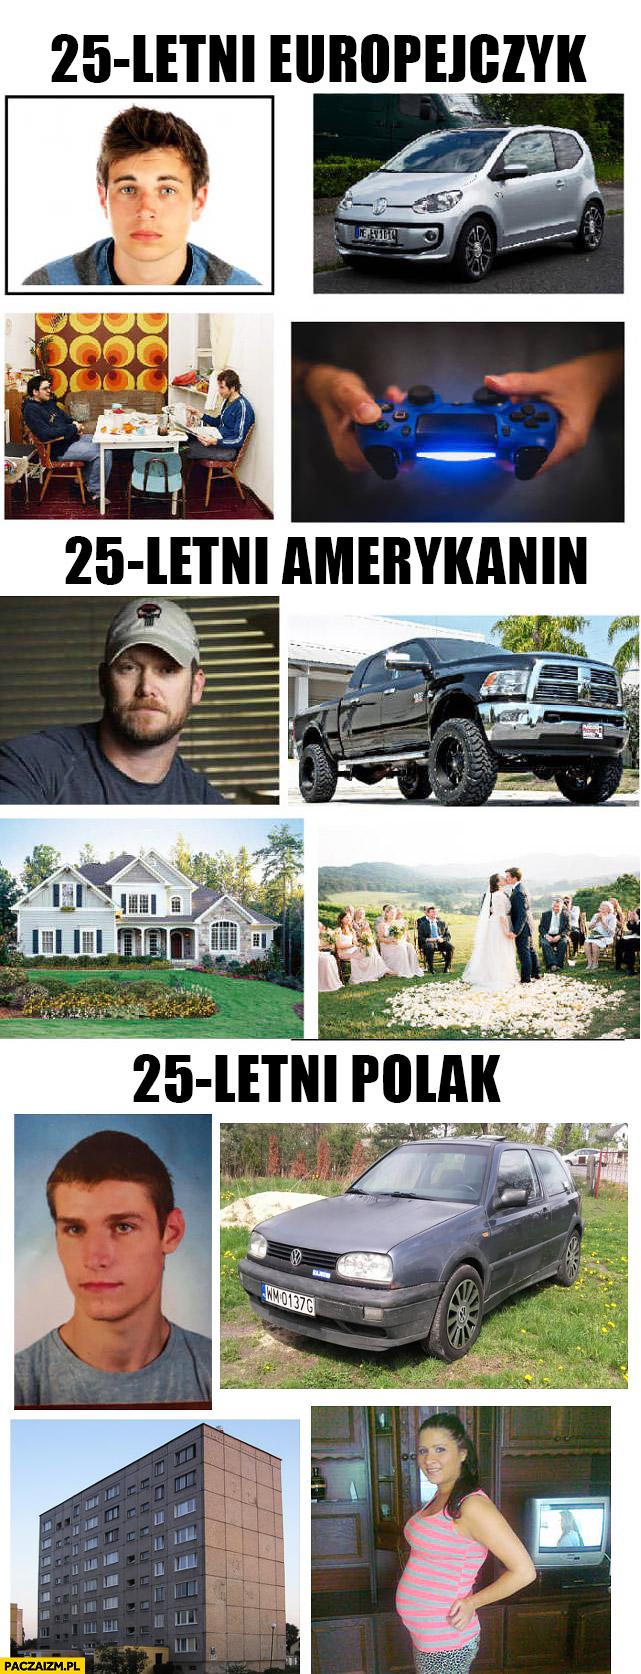 25 letni Europejczyk, 25 letni Amerykanin, 25 letni Polak porównanie samochód wygląd mieszkanie związek